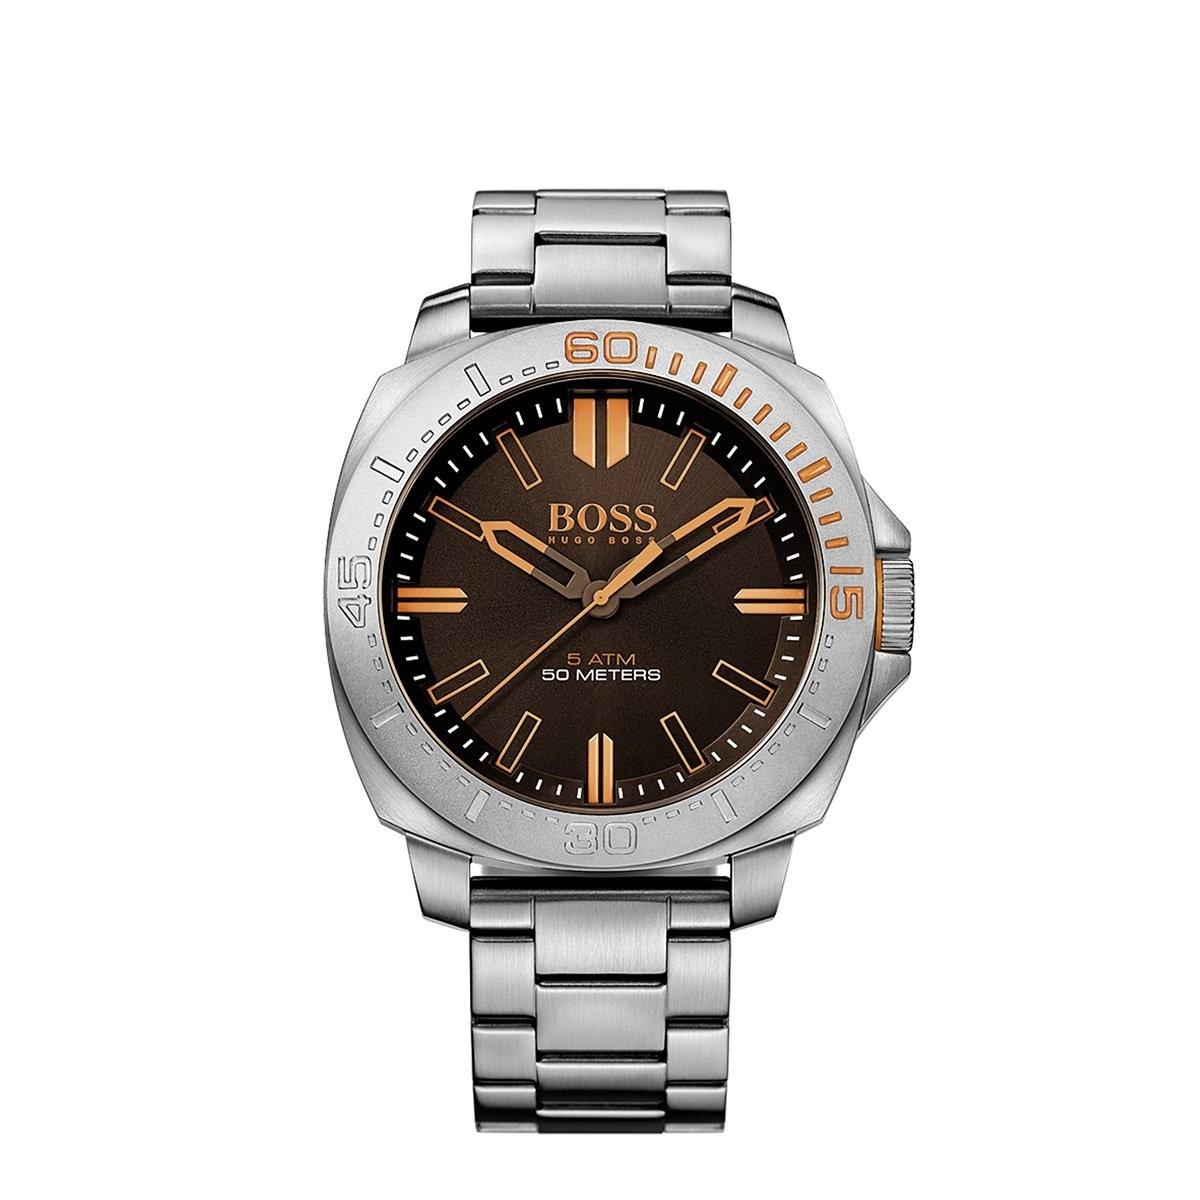 e85601b4bd83 Relojes - Hugo Boss Reloj Hugo Boss 1513296 Hombre